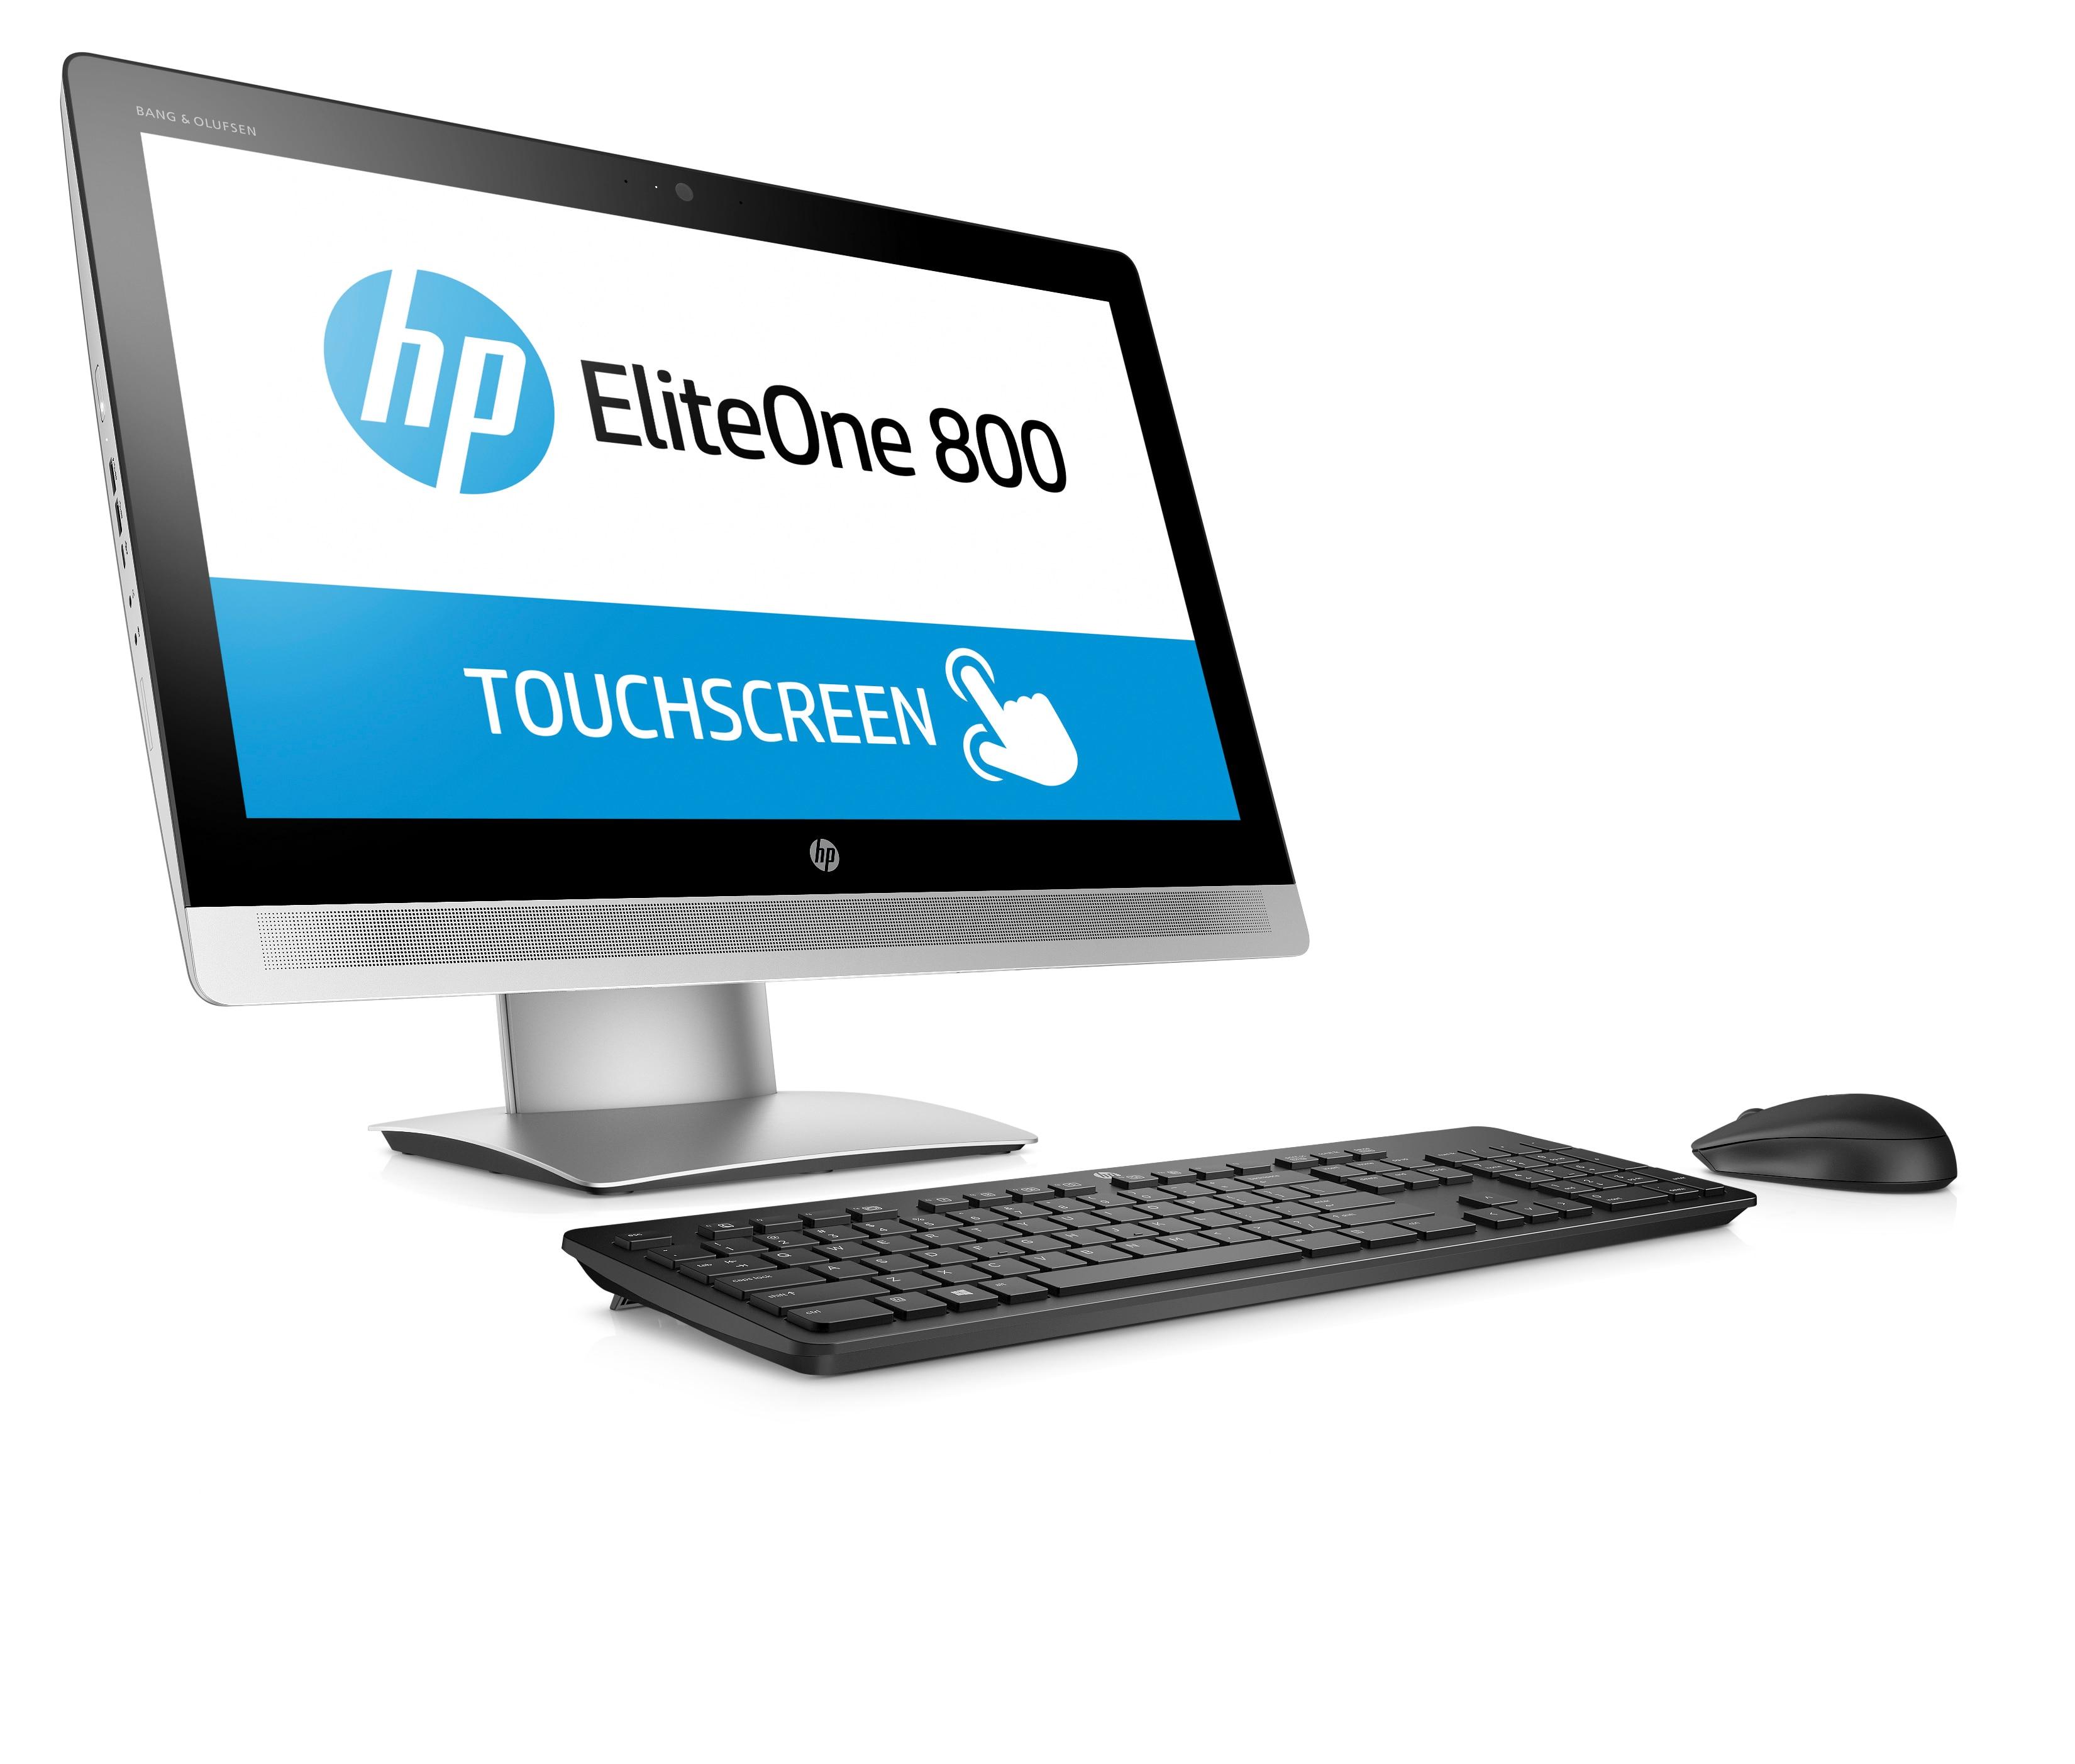 Hp Desktop Computers 2015